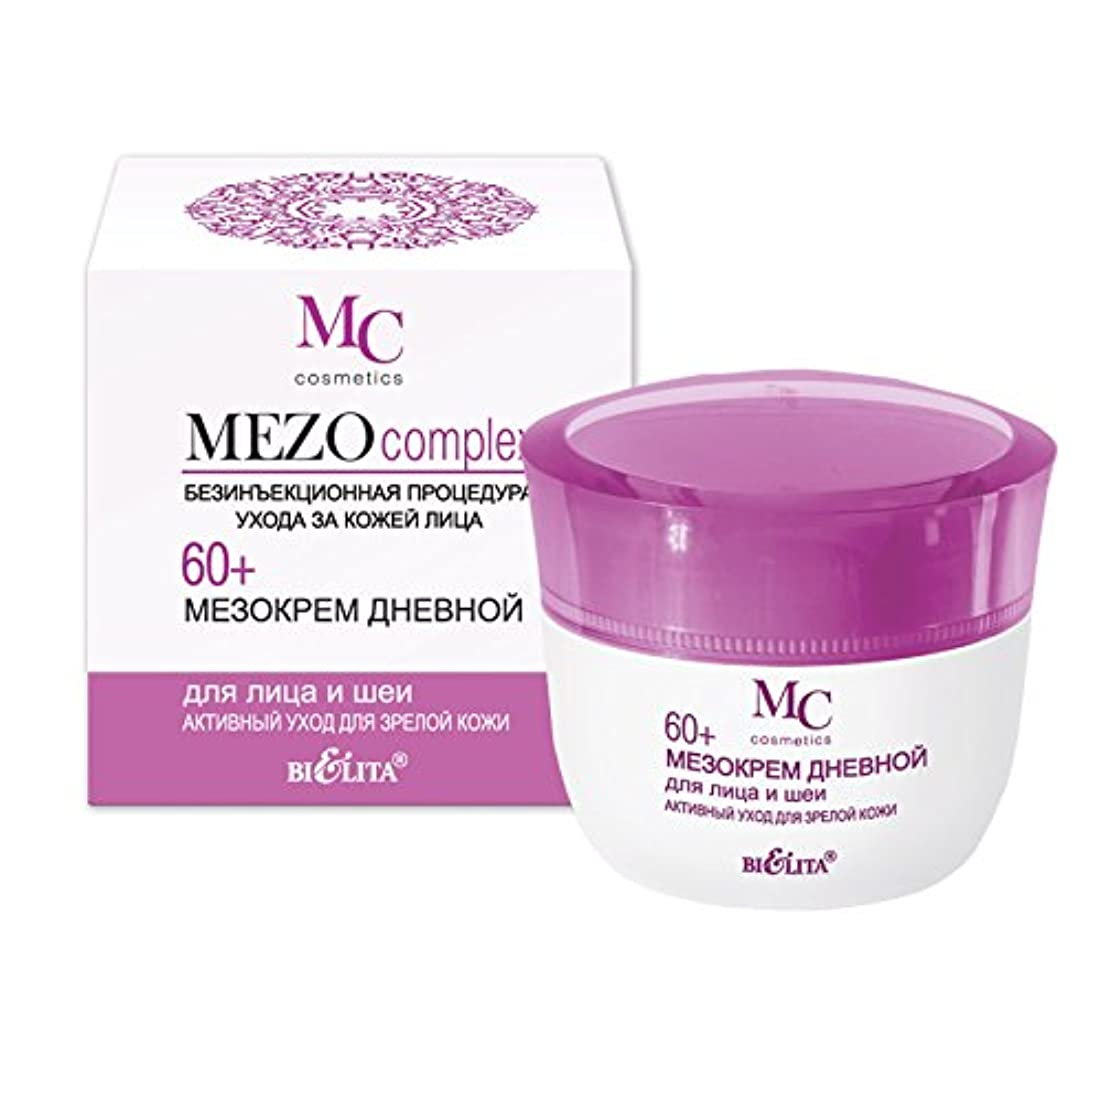 少ない検査官債権者Saturated Day Cream (MEZO) is specially designed for the care of mature skin of the face | Hyaluronic acid, Vitamin E, Peach seed oil & much more | 50 ml